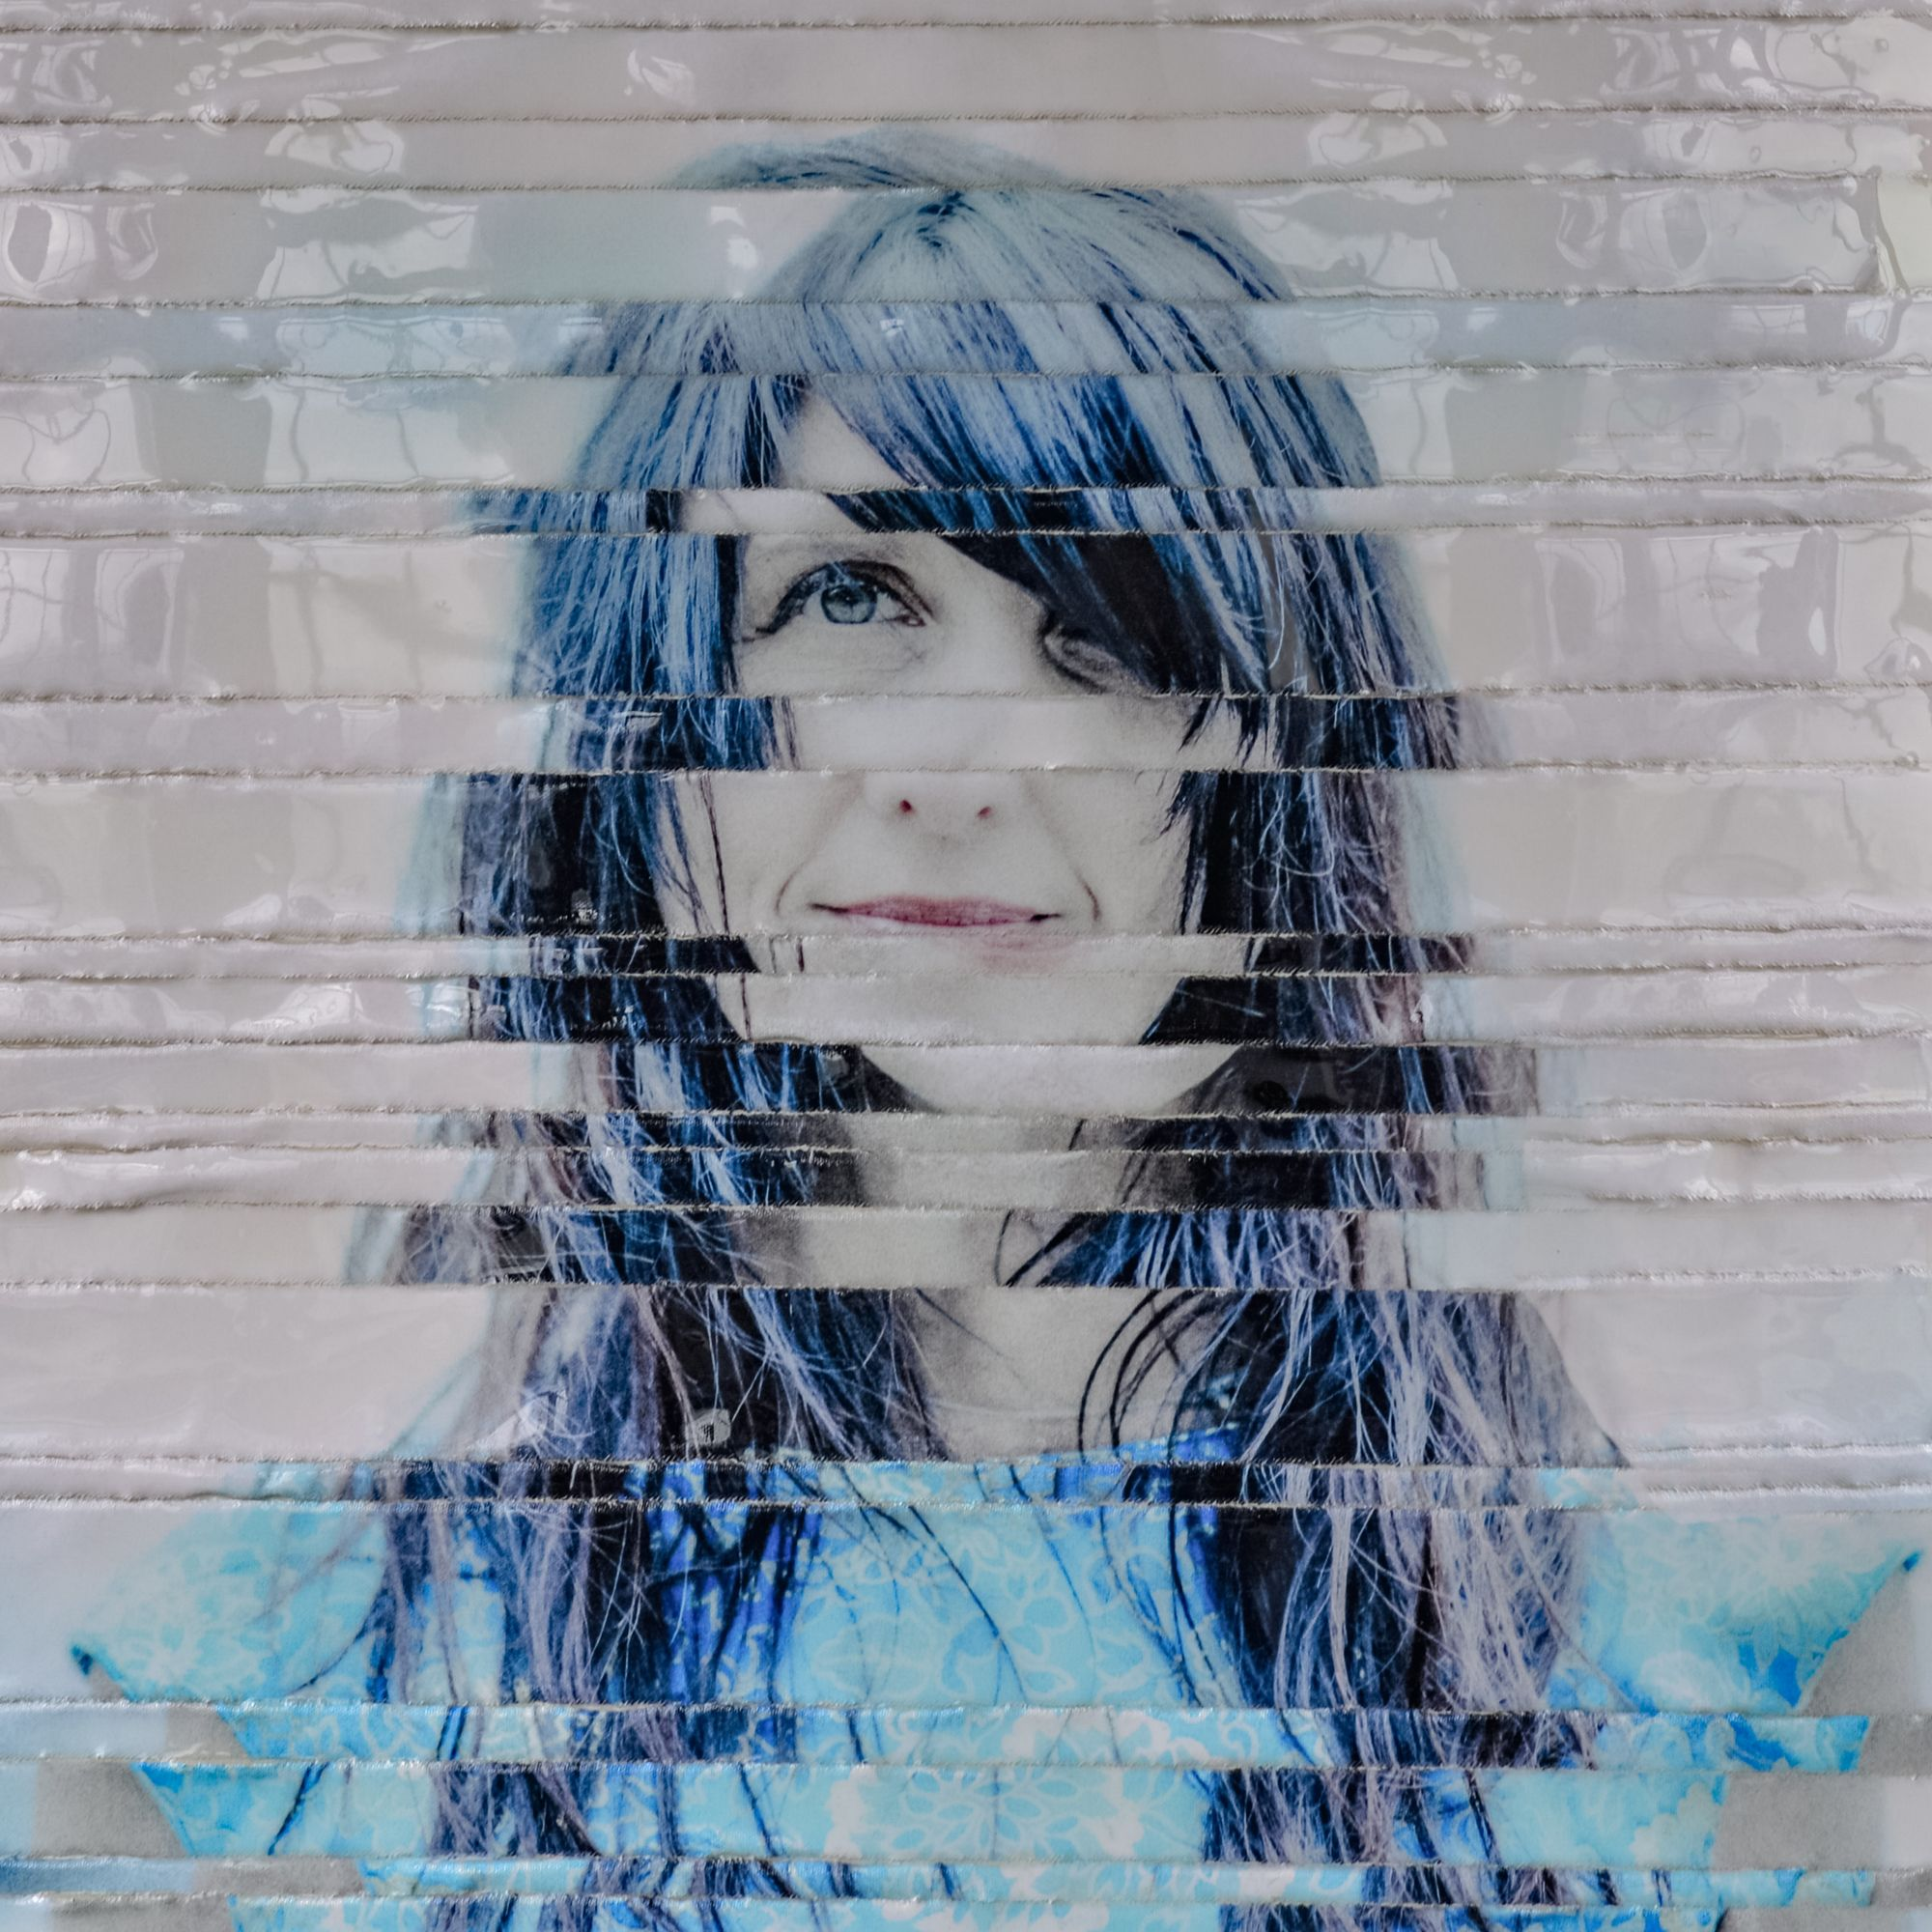 Carrie Clark/ Album Cover 2021, Singer, Songwriter